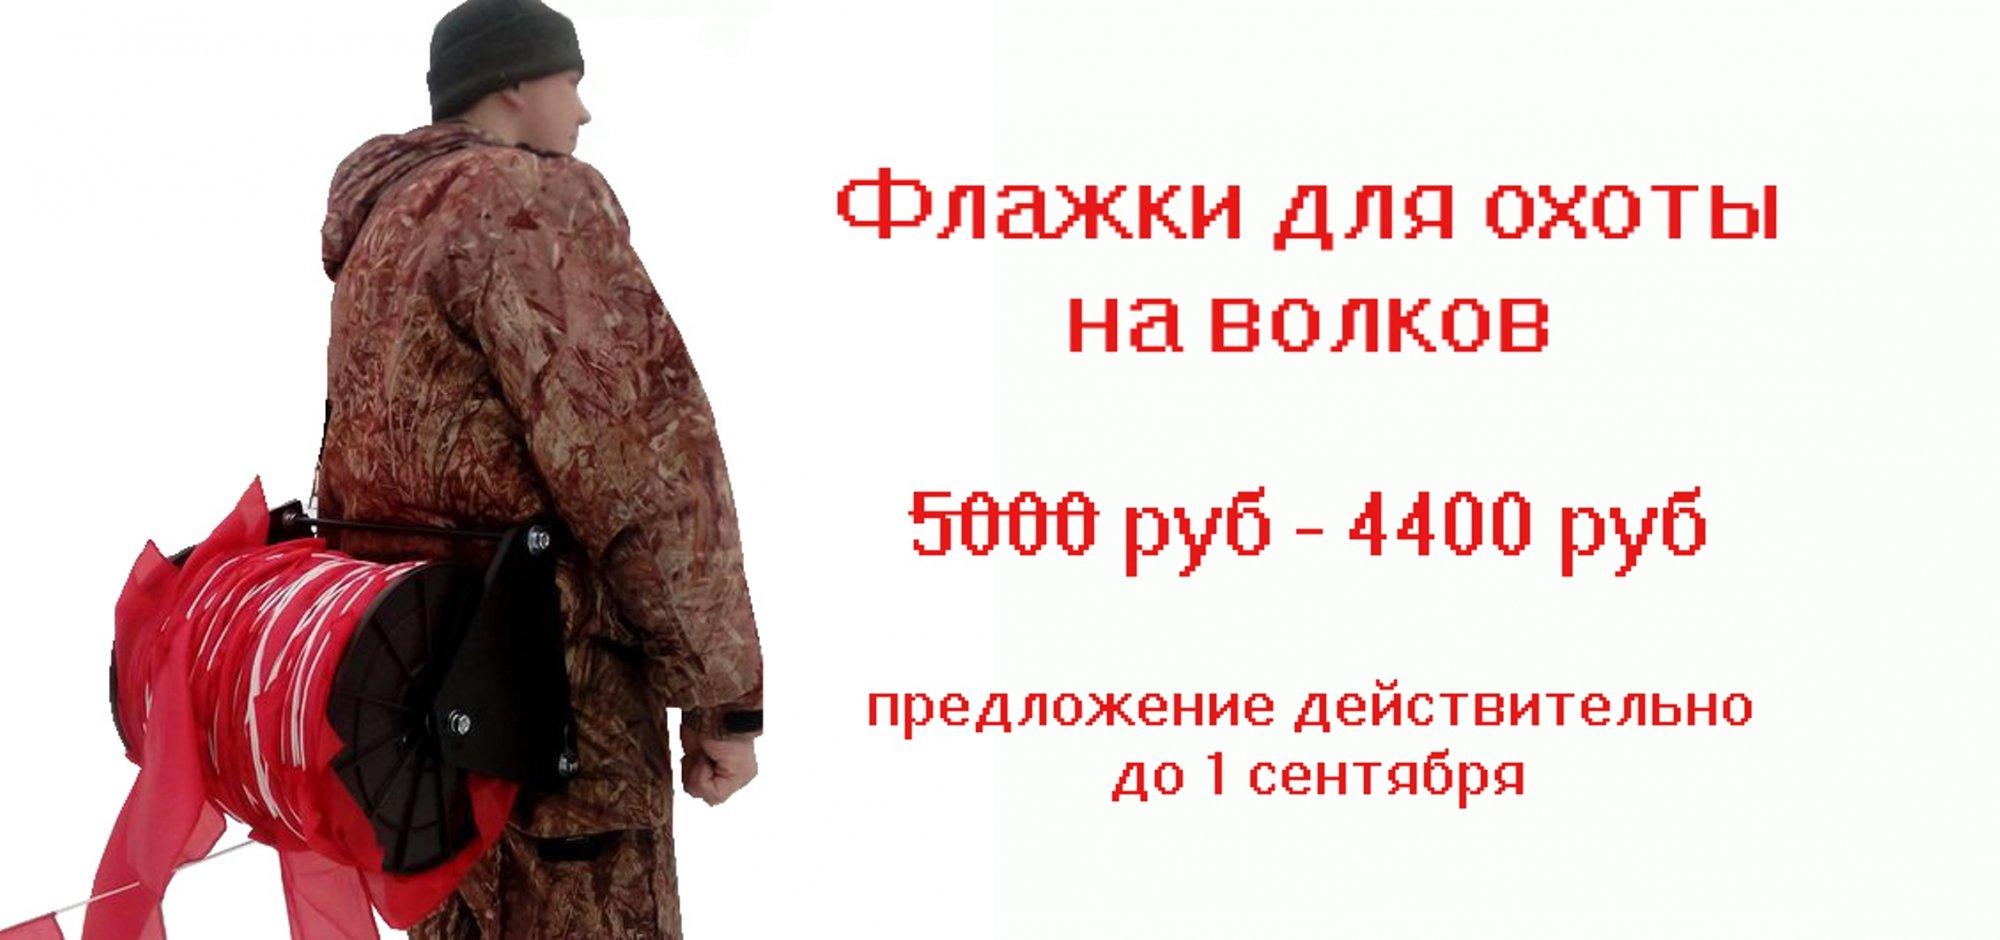 реклама флажки.jpg